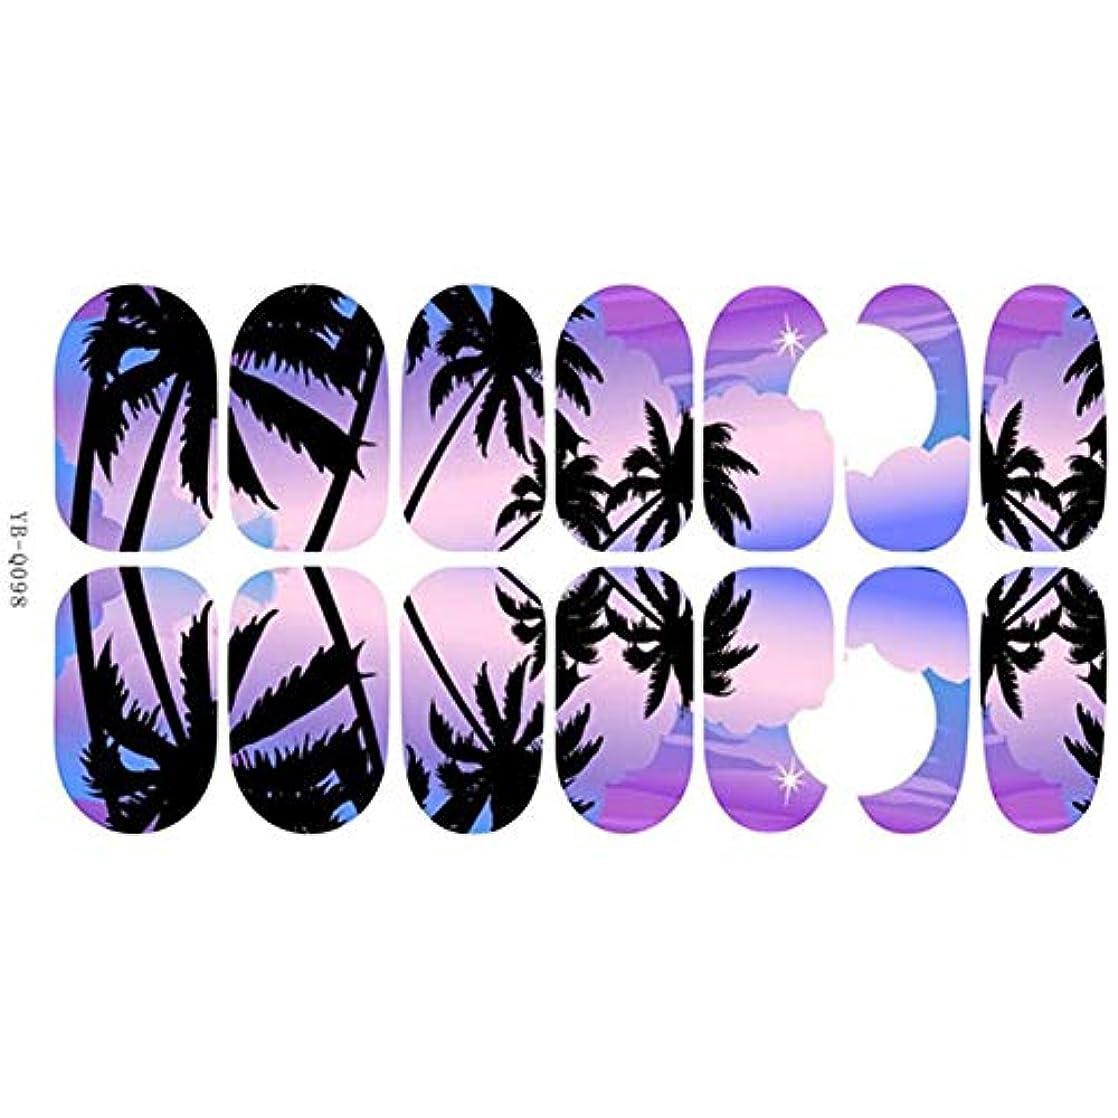 ブレンド手書きステンレスMurakush ネイルステッカー ネイルツール 14pcs 明るい ライト パノラマ風景 ネイルアート ネイルアクセサリー YB-Q098 通常の仕様